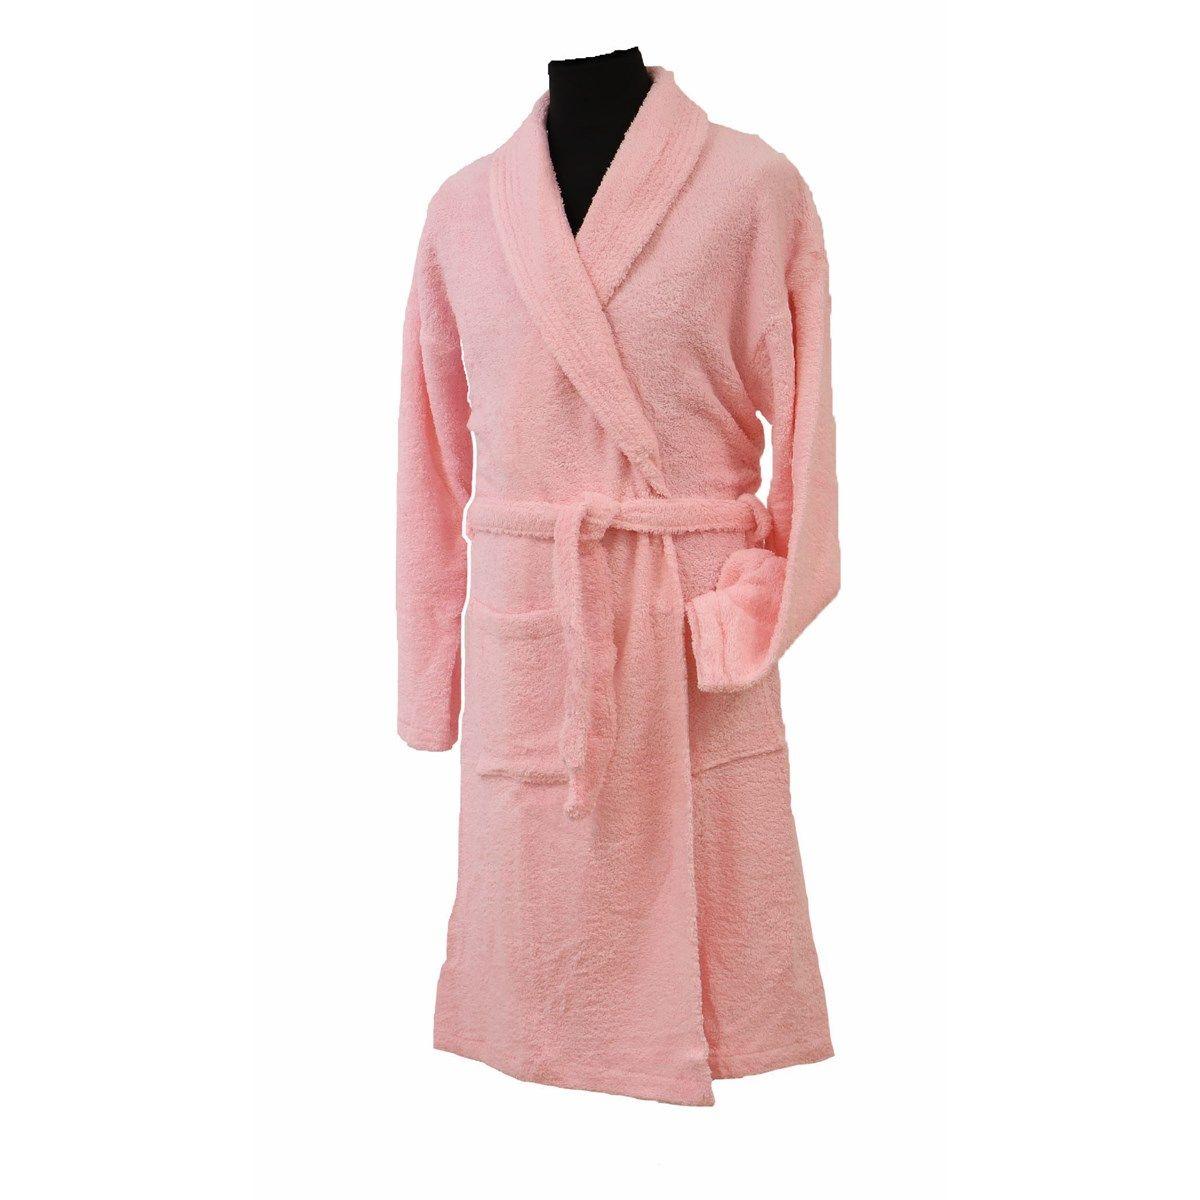 CONFORT - Peignoir mixte col chale coton rose pastel S (photo)